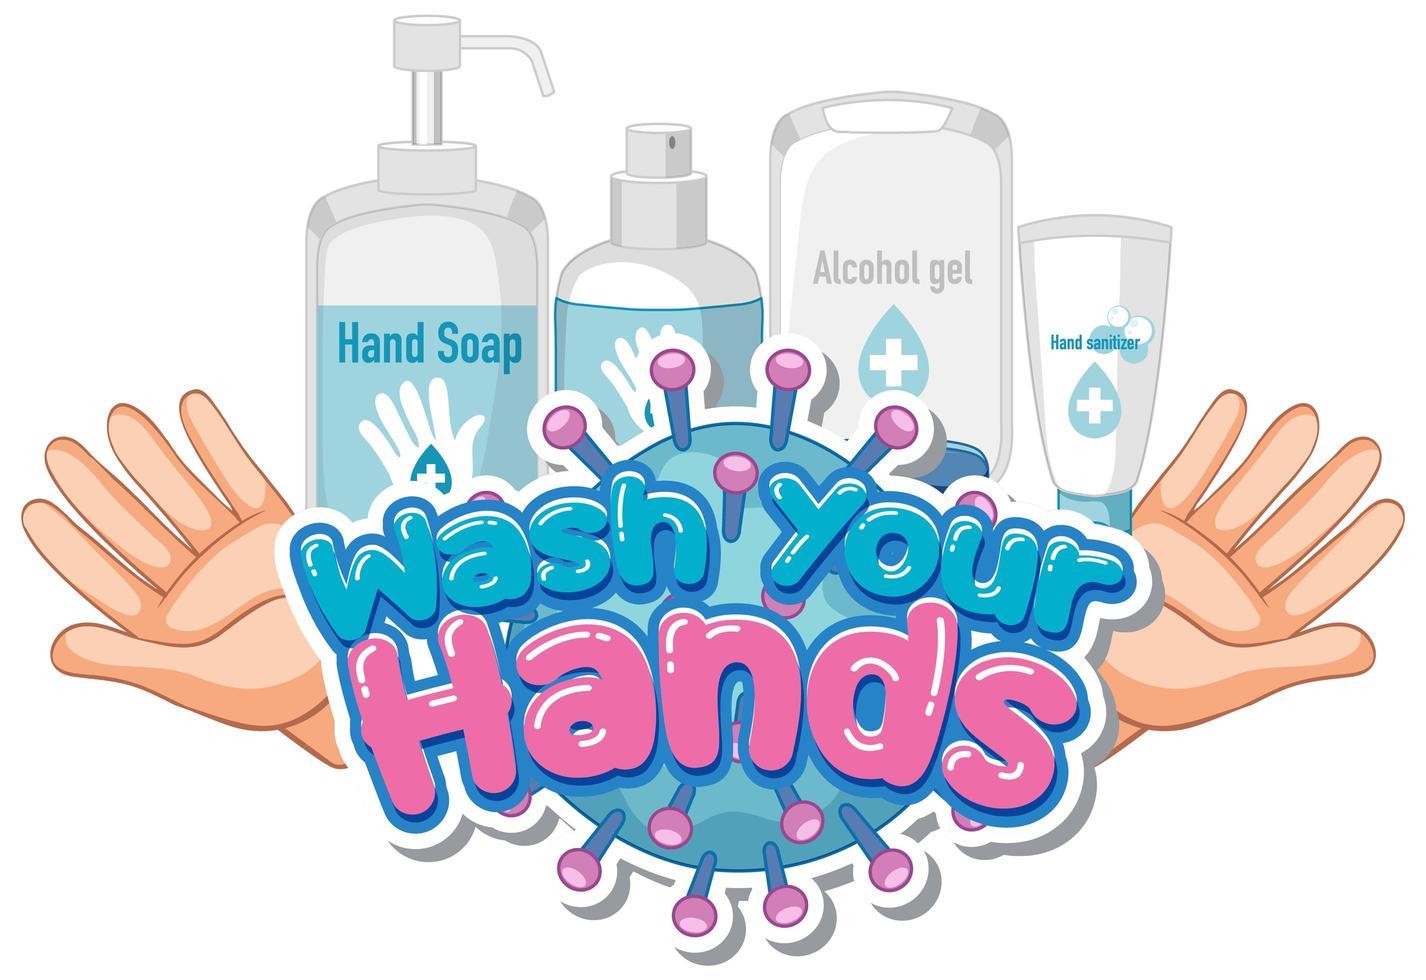 Schriftart für Wort waschen Sie Ihre Hände mit Seife und sauberen Händen vektor